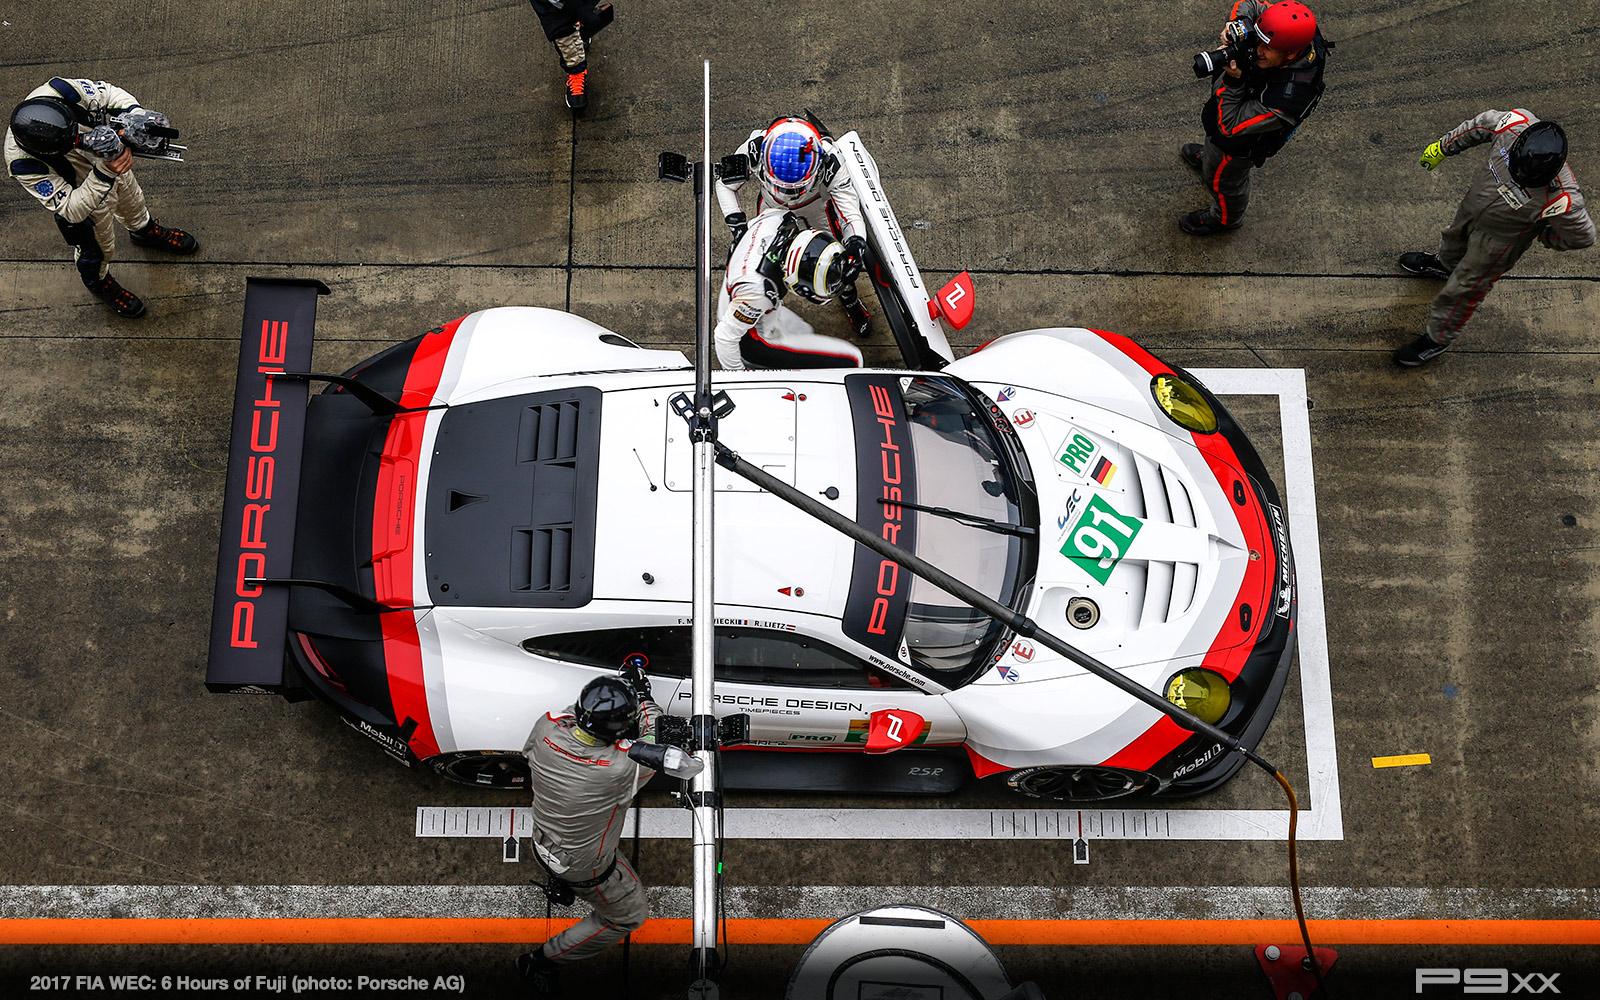 2017-FIA-WEC-6h-of-Fuji-Porsche-394